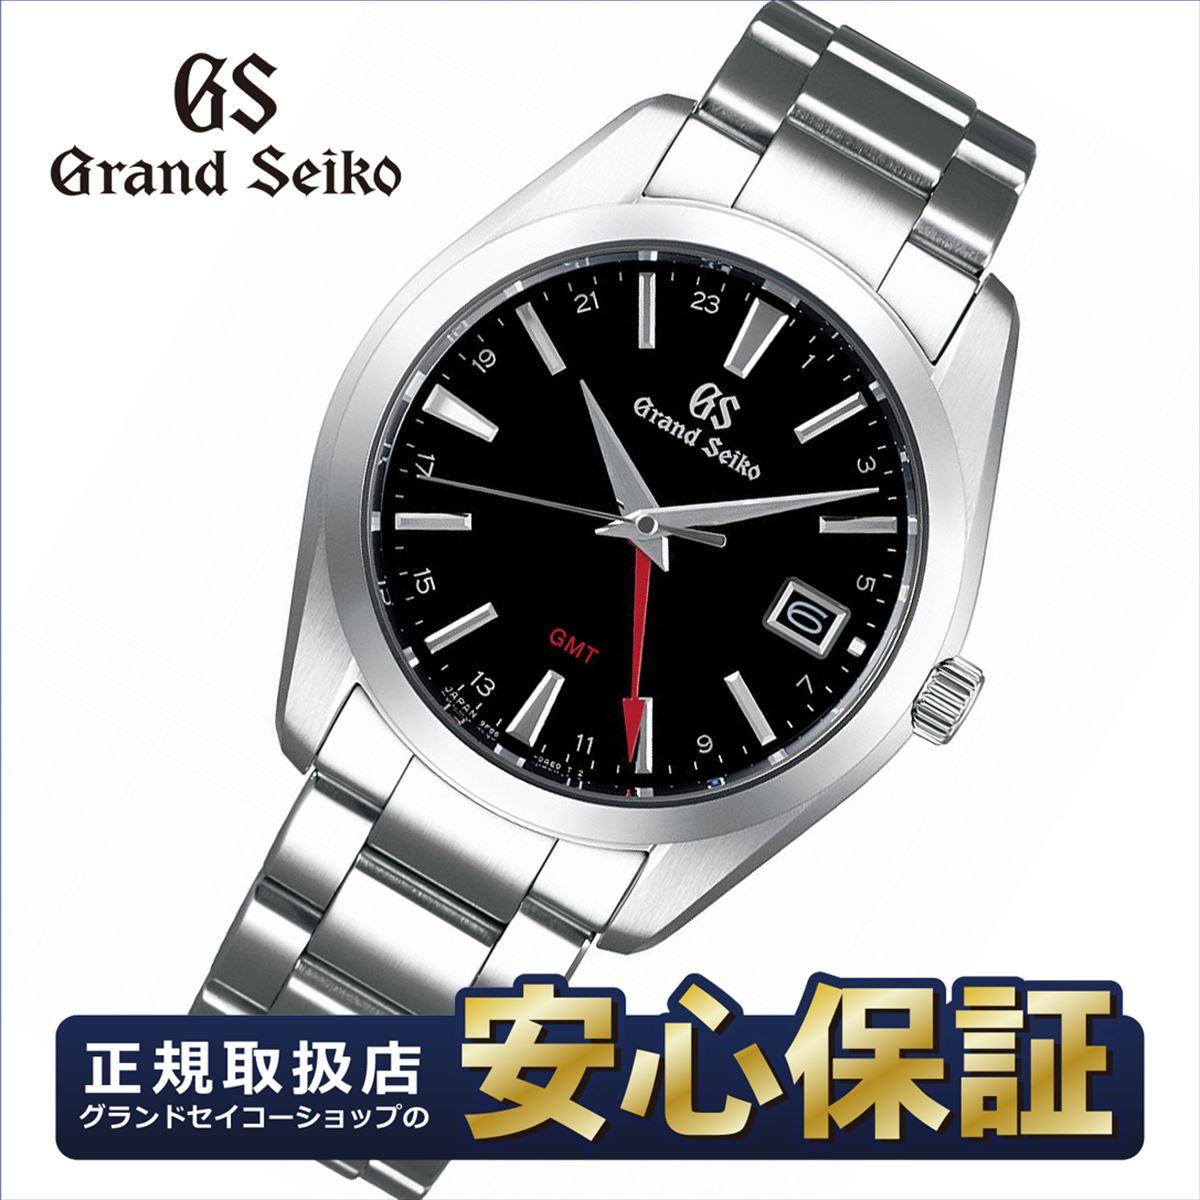 腕時計, メンズ腕時計 2,000OFF53.5232030SEIKO SBGN013 GMT 9F GRAND SEIKO 022010spl